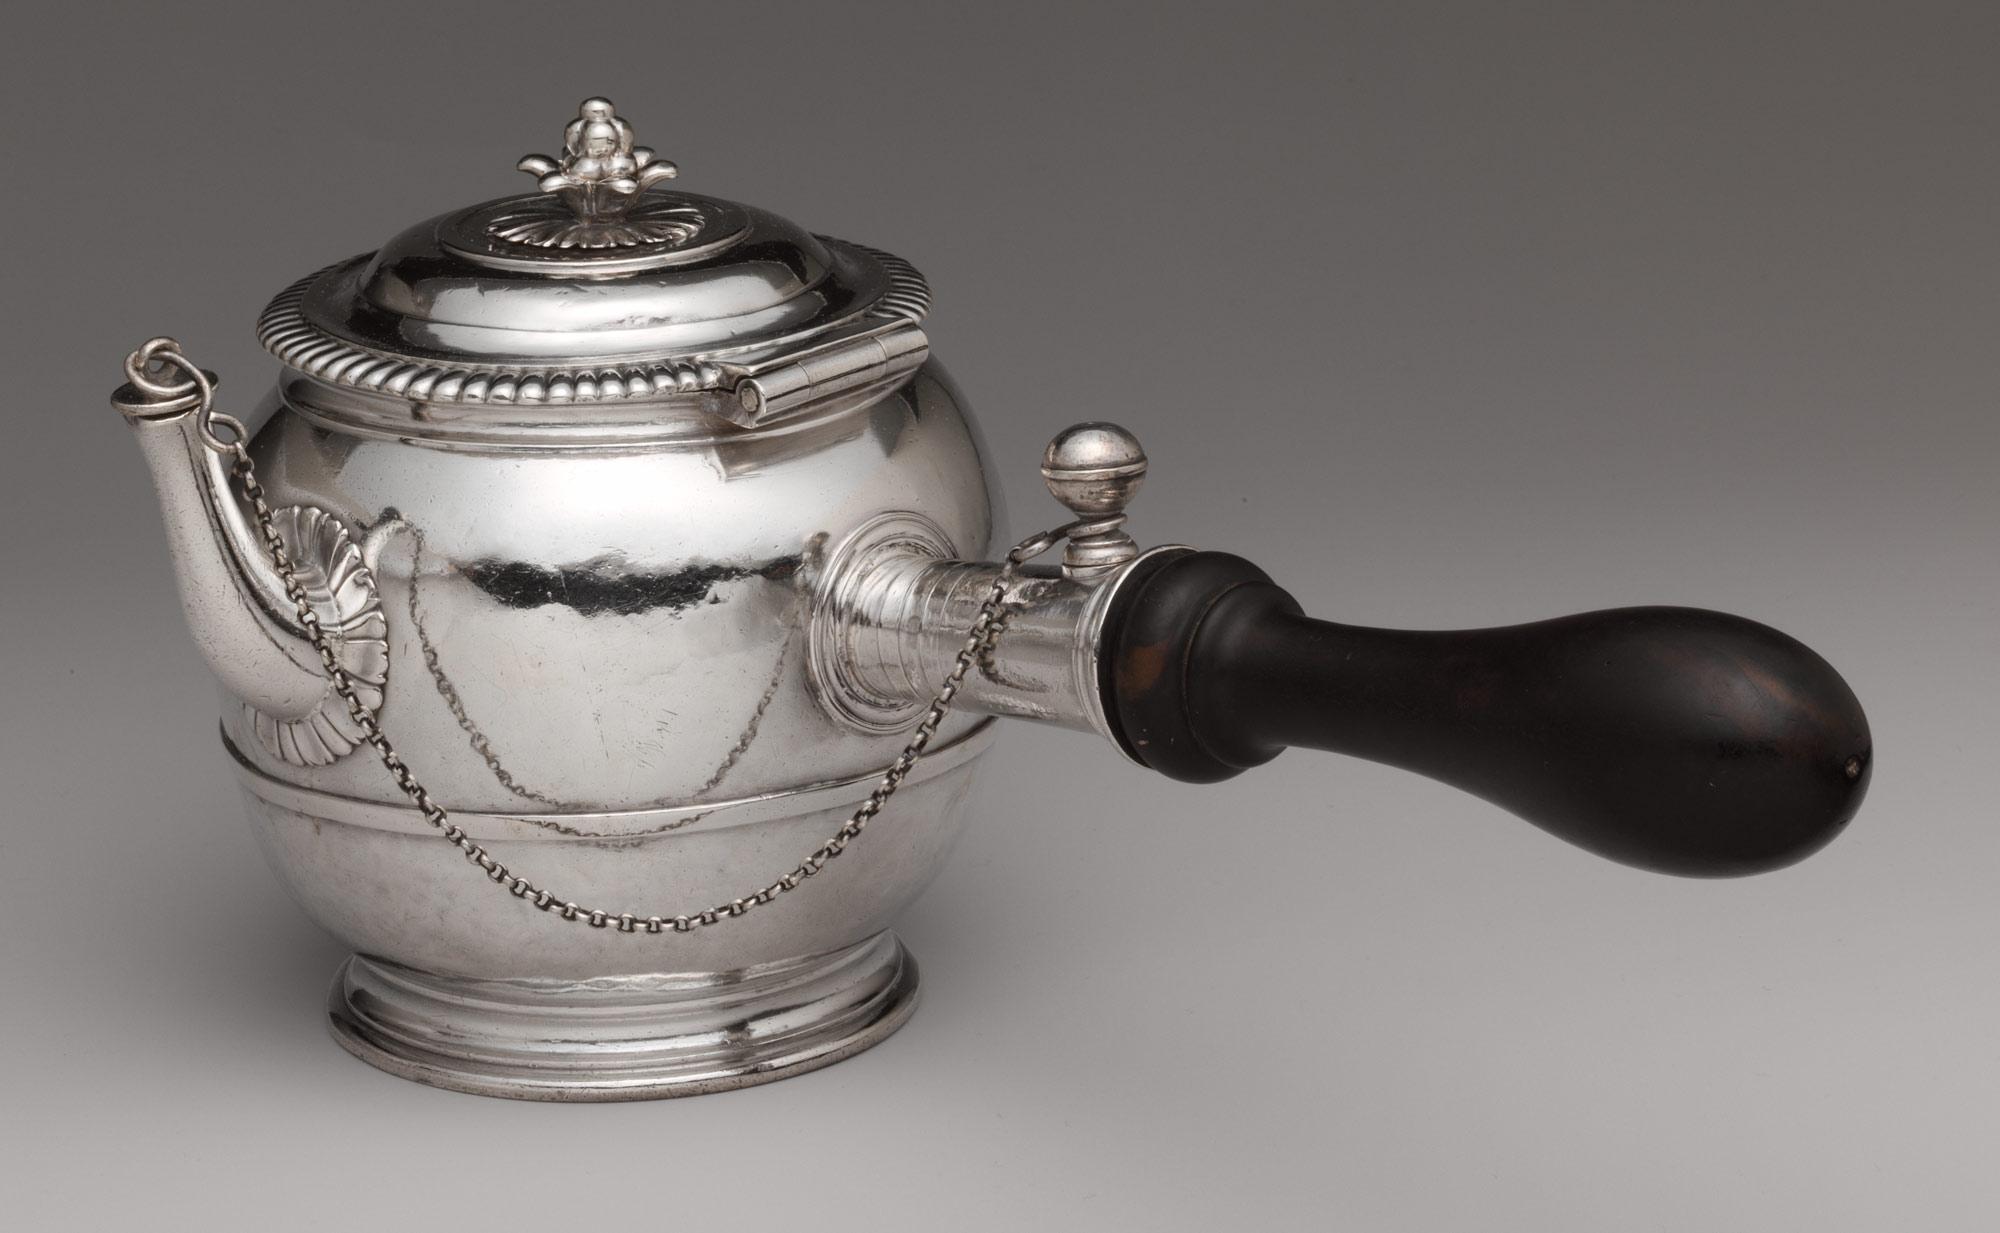 装飾豊かなシルバーティーポット 1699-1700